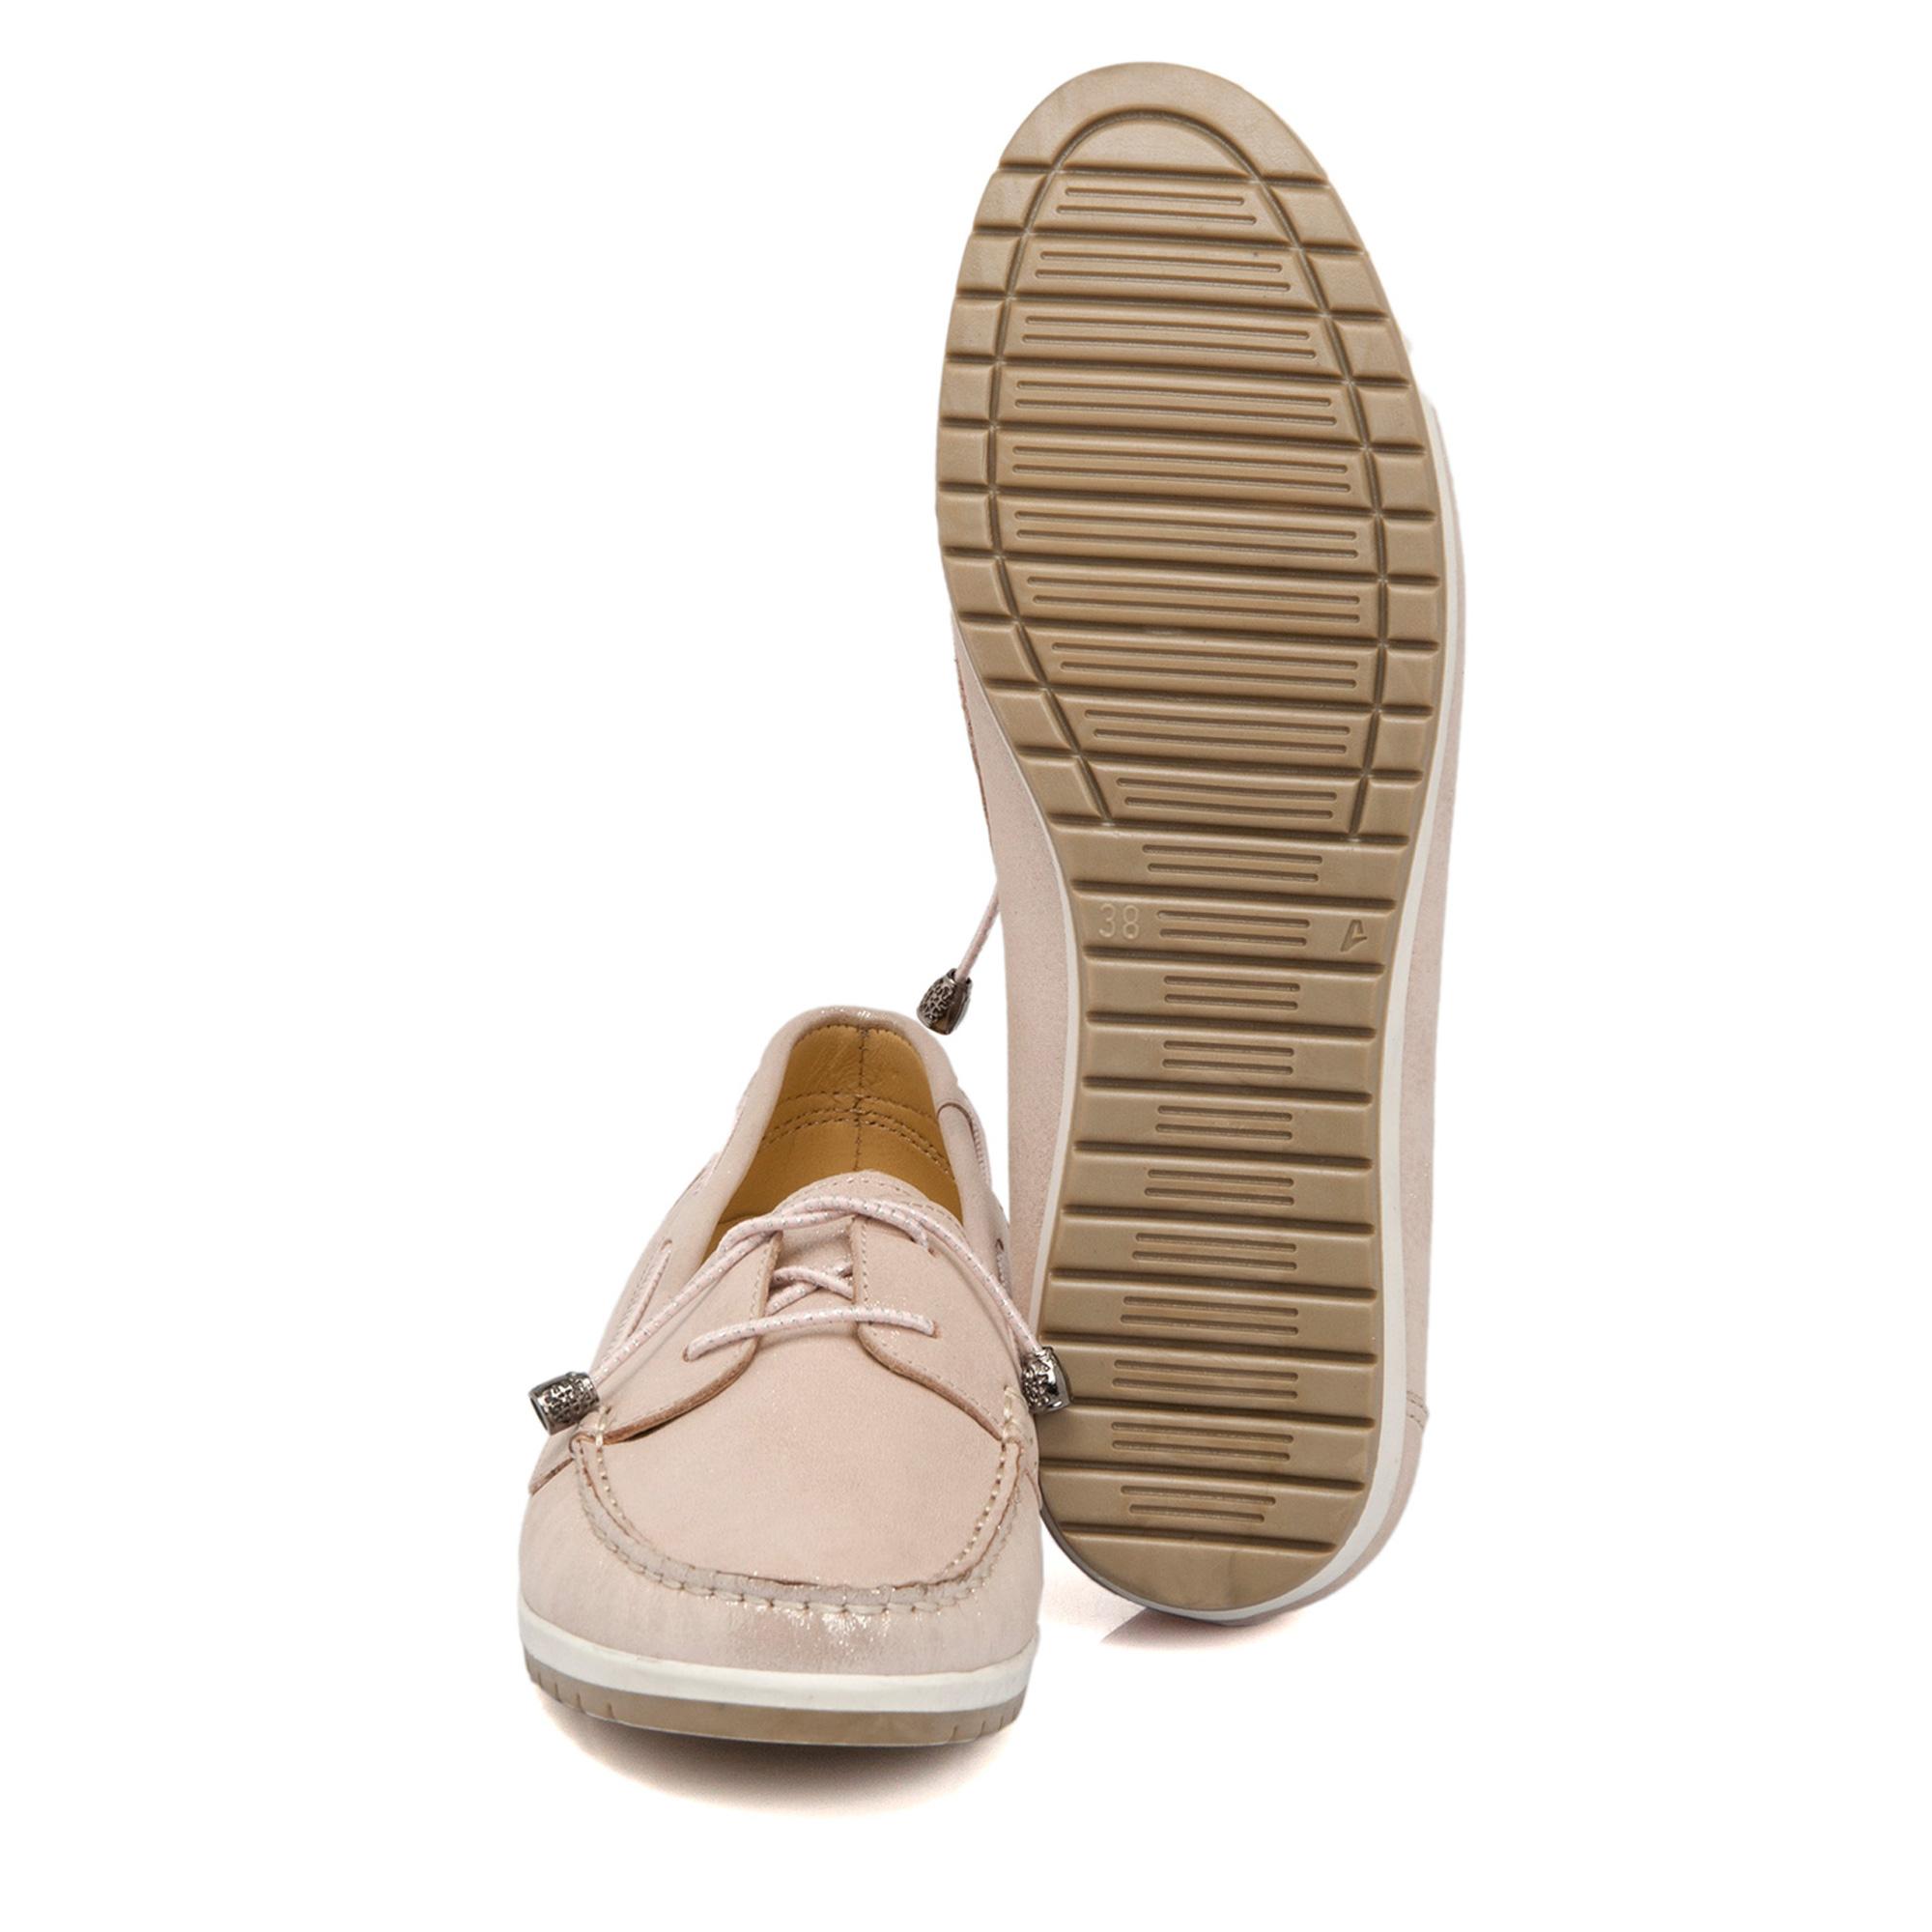 Pudra-Simli Deri Kadın Ayakkabı 64298N0P